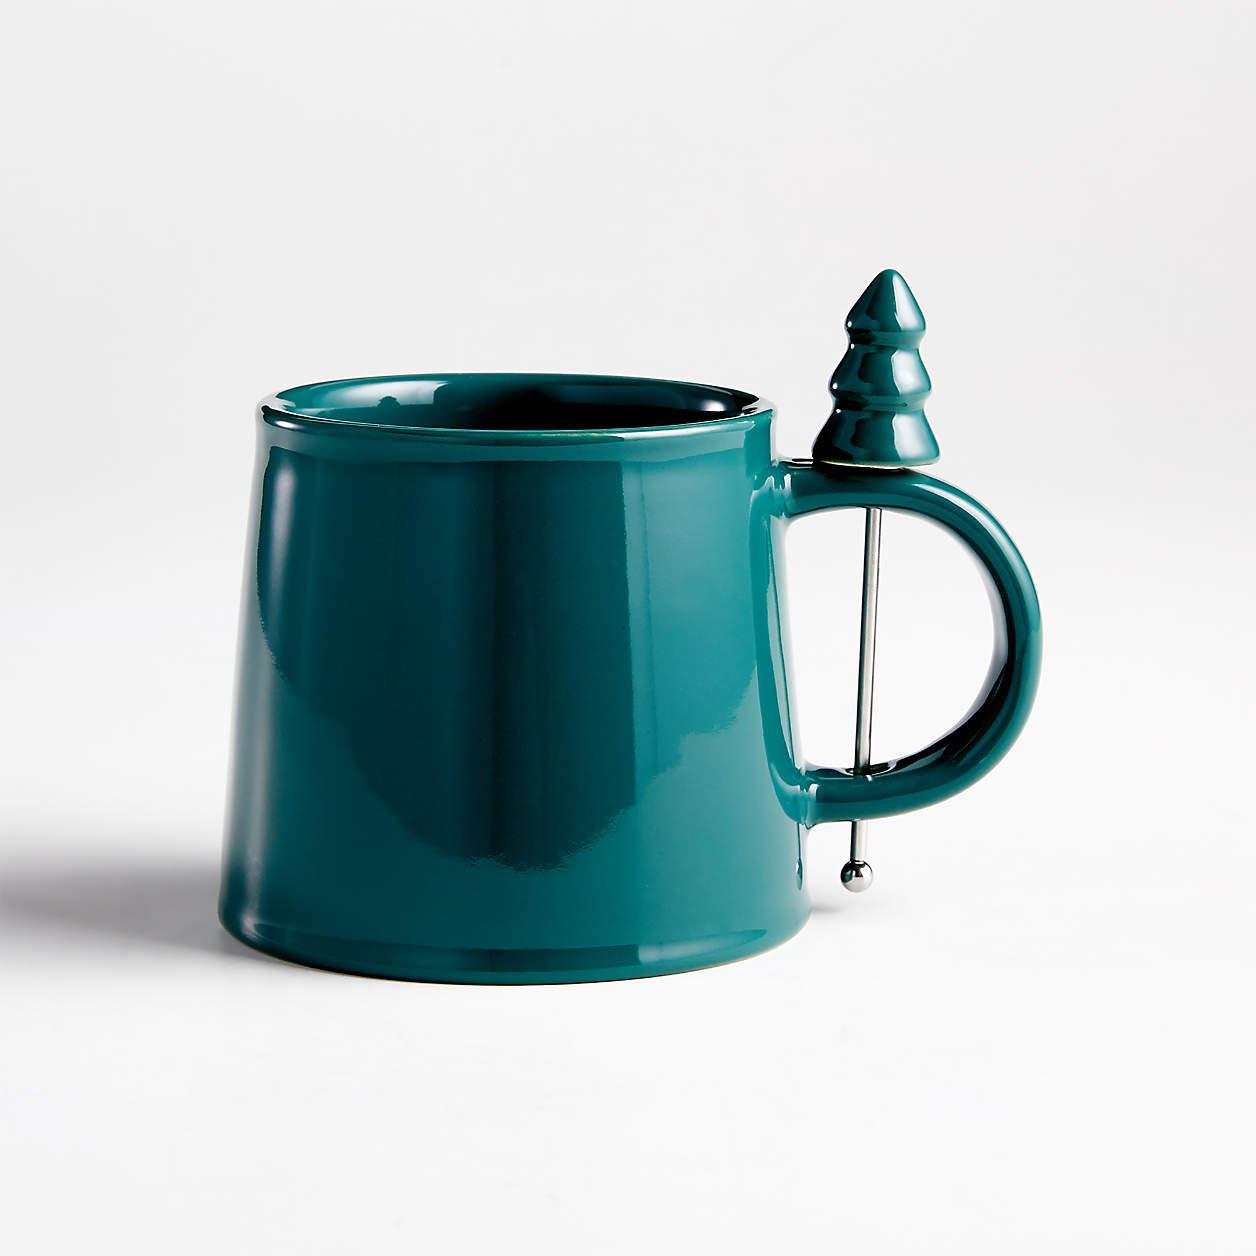 Green Mug With Christmas Tree Stir Stick